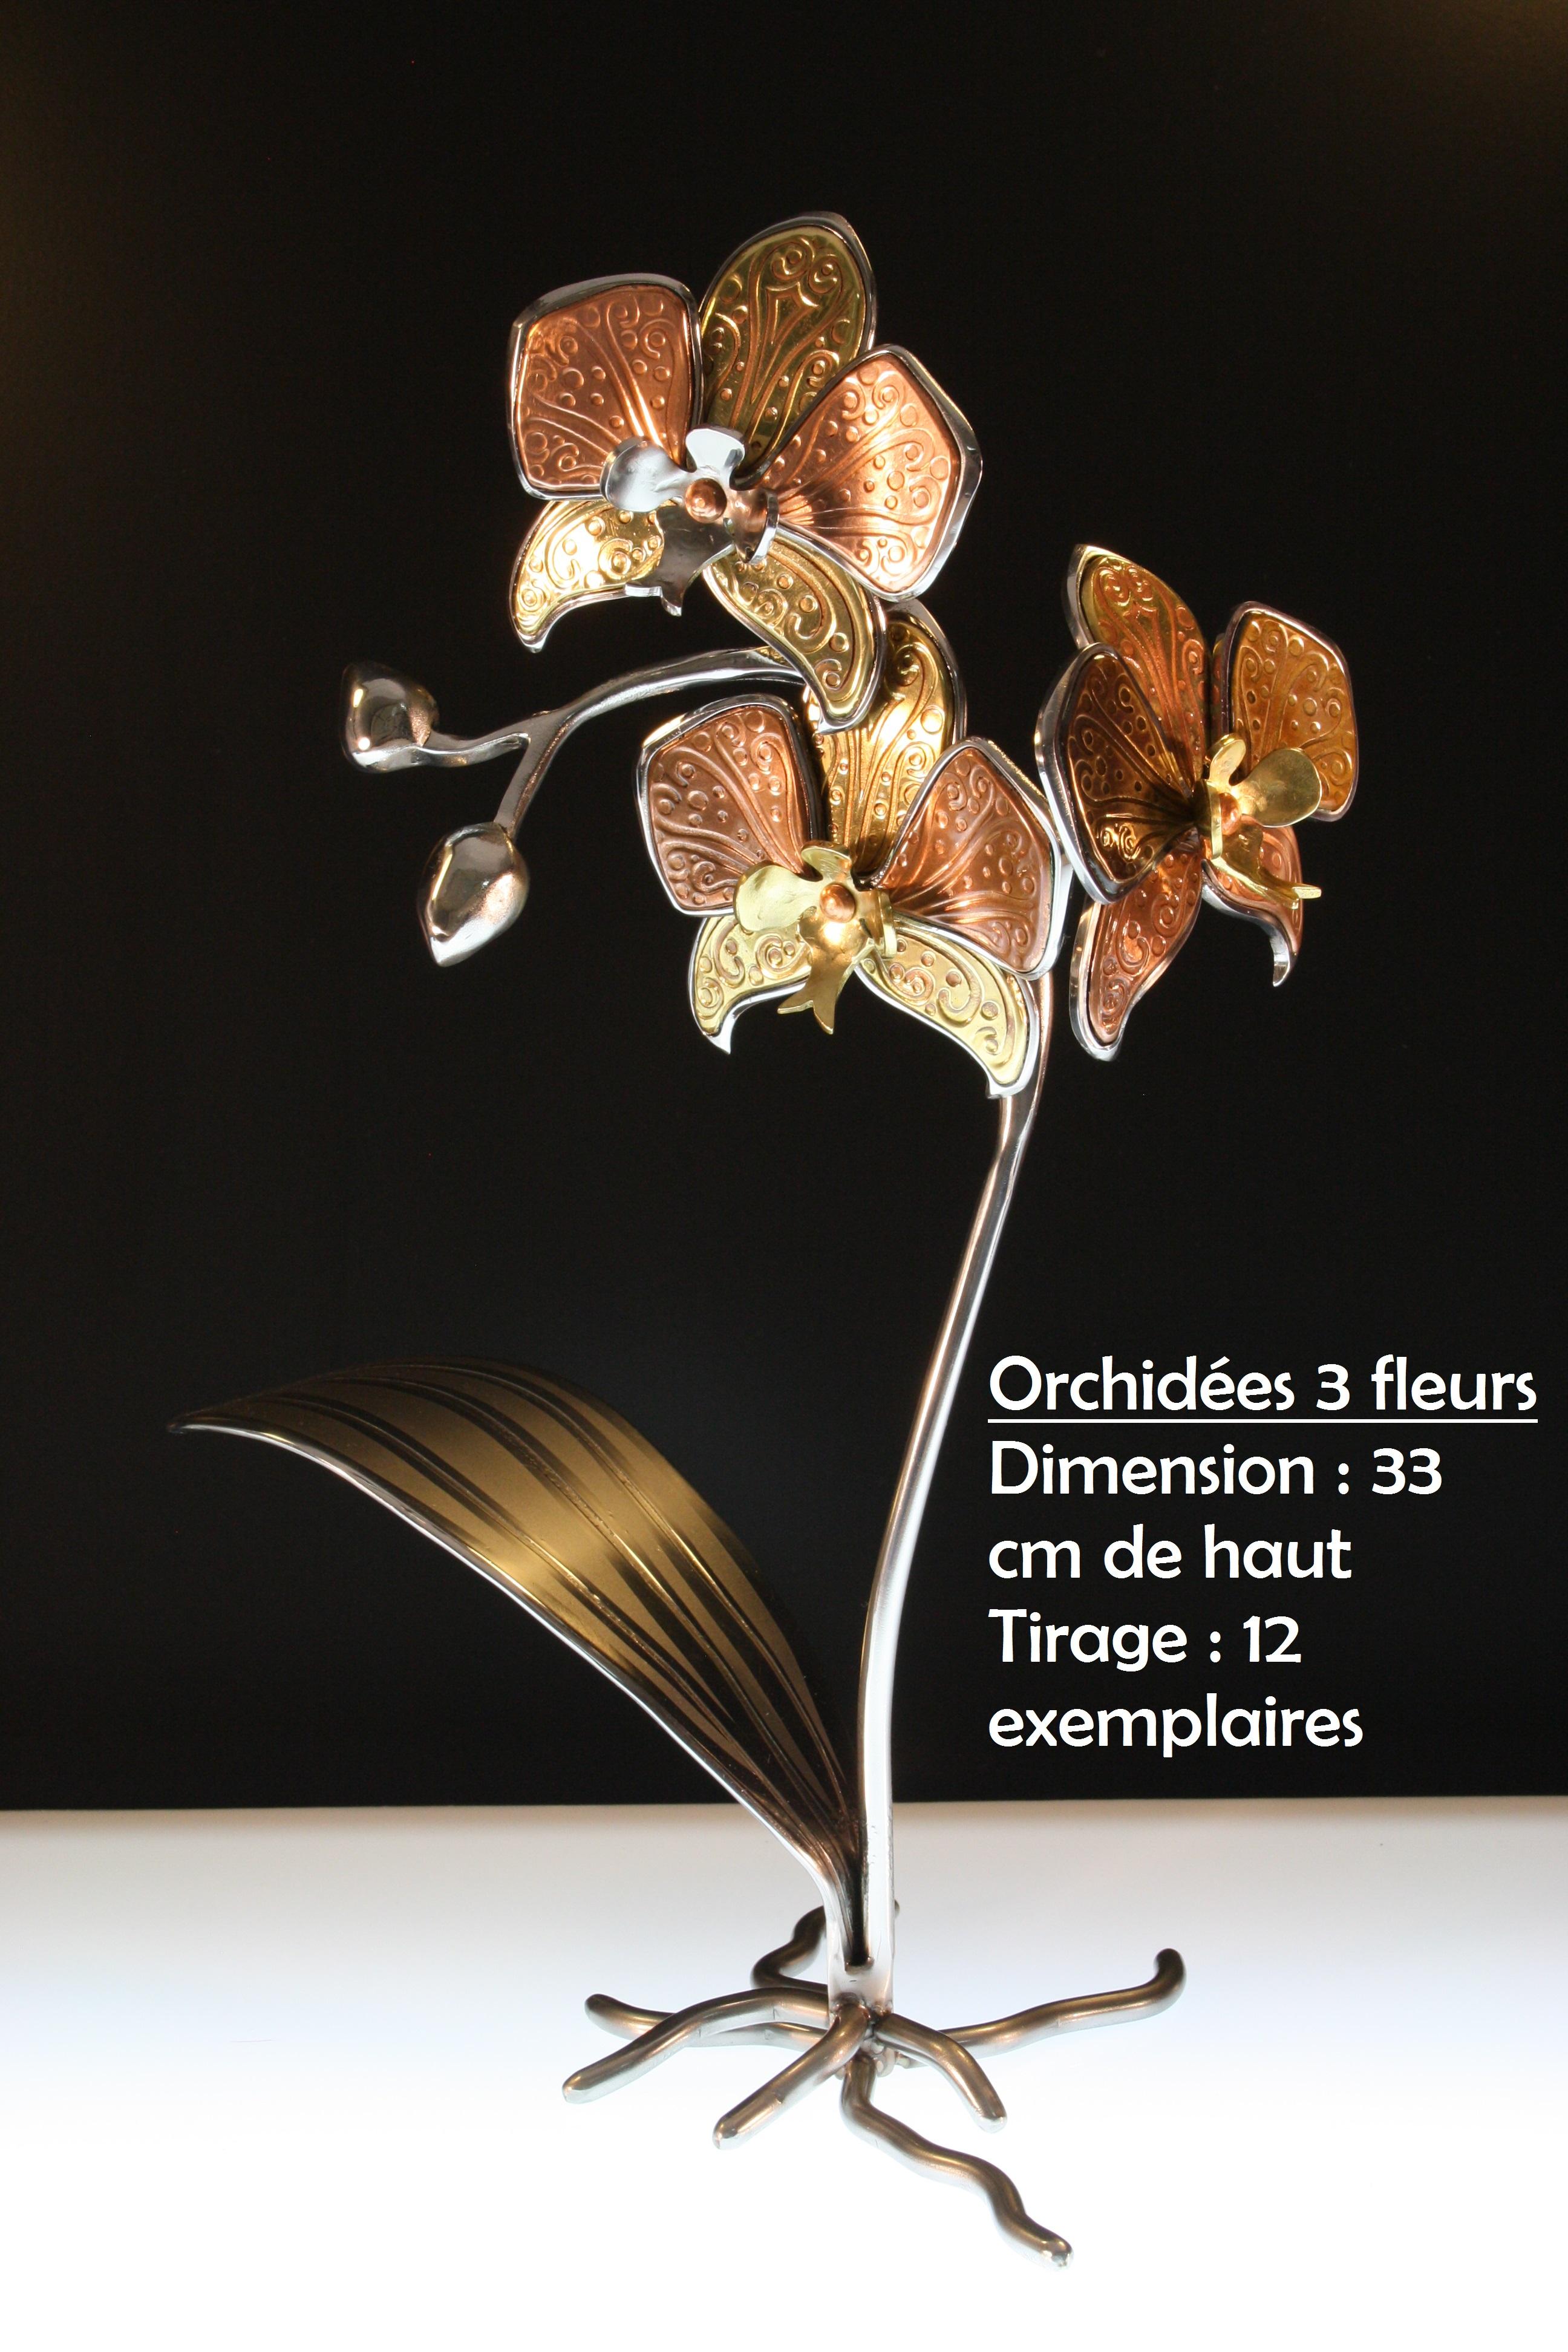 Orchidées_3_fleurs